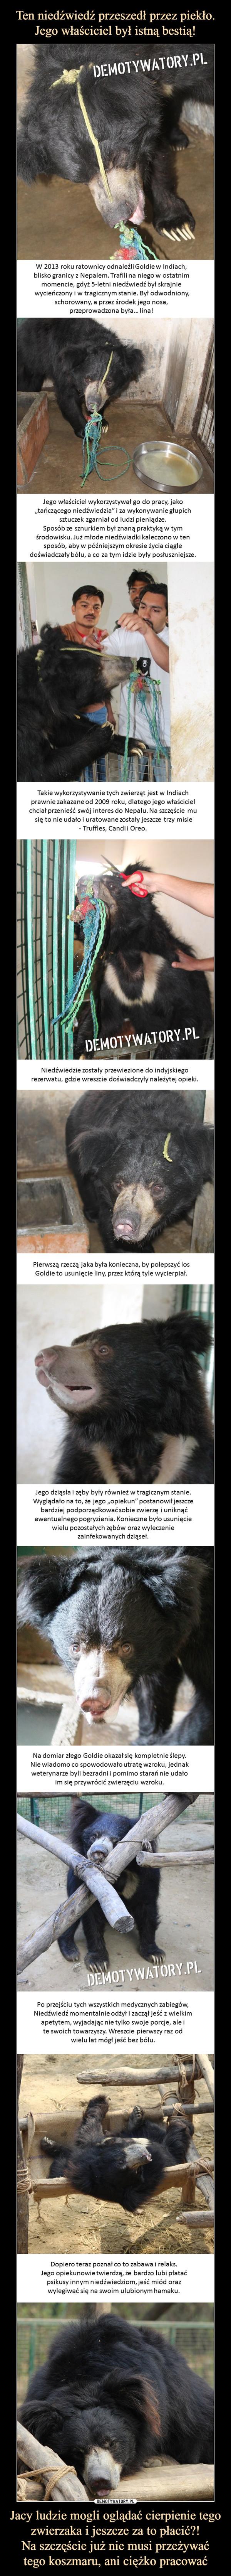 """Jacy ludzie mogli oglądać cierpienie tego zwierzaka i jeszcze za to płacić?!Na szczęście już nie musi przeżywaćtego koszmaru, ani ciężko pracować –  W 2013 roku ratownicy odnaleźli Goldie w Indiach, blisko granicy z Nepalem. Trafili na niego w ostatnim momencie, gdyż 5-letni niedźwiedź był skrajnie wycieńczony i w tragicznym stanie. Był odwodniony, schorowany, a przez środek jego nosa, przeprowadzona była… lina!  Jego właściciel wykorzystywał go do pracy, jako""""tańczącego niedźwiedzia"""" i za wykonywanie głupichsztuczek zgarniał od ludzi pieniądze. Sposób ze sznurkiem był znaną praktyką w tymśrodowisku. Już młode niedźwiadki kaleczono w ten sposób, aby w późniejszym okresie życia ciągledoświadczały bólu, a co za tym idzie były posłuszniejsze.Takie wykorzystywanie tych zwierząt jest w Indiachprawnie zakazane od 2009 roku, dlatego jego właścicielchciał przenieść swój interes do Nepalu. Na szczęście mu się to nie udało i uratowane zostały jeszcze trzy misie- Truffles, Candi i Oreo.Niedźwiedzie zostały przewiezione do indyjskiegorezerwatu, gdzie wreszcie doświadczyły należytej opieki.Pierwszą rzeczą jaka była konieczna, by polepszyć los Goldie to usunięcie liny, przez którą tyle wycierpiał.Jego dziąsła i zęby były również w tragicznym stanie.Wyglądało na to, że jego """"opiekun"""" postanowił jeszcze bardziej podporządkować sobie zwierzę i uniknąćewentualnego pogryzienia. Konieczne było usunięciewielu pozostałych zębów oraz wyleczenie zainfekowanych dziąseł.Na domiar złego Goldie okazał się kompletnie ślepy.Nie wiadomo co spowodowało utratę wzroku, jednakweterynarze byli bezradni i pomimo starań nie udałoim się przywrócić zwierzęciu wzroku.Po przejściu tych wszystkich medycznych zabiegów,Niedźwiedź momentalnie odżył i zaczął jeść z wielkimapetytem, wyjadając nie tylko swoje porcje, ale i te swoich towarzyszy. Wreszcie pierwszy raz od wielu lat mógł jeść bez bólu.Dopiero teraz poznał co to zabawa i relaks.Jego opiekunowie twierdzą, że bardzo lubi płataćpsikusy innym niedźwiedziom"""